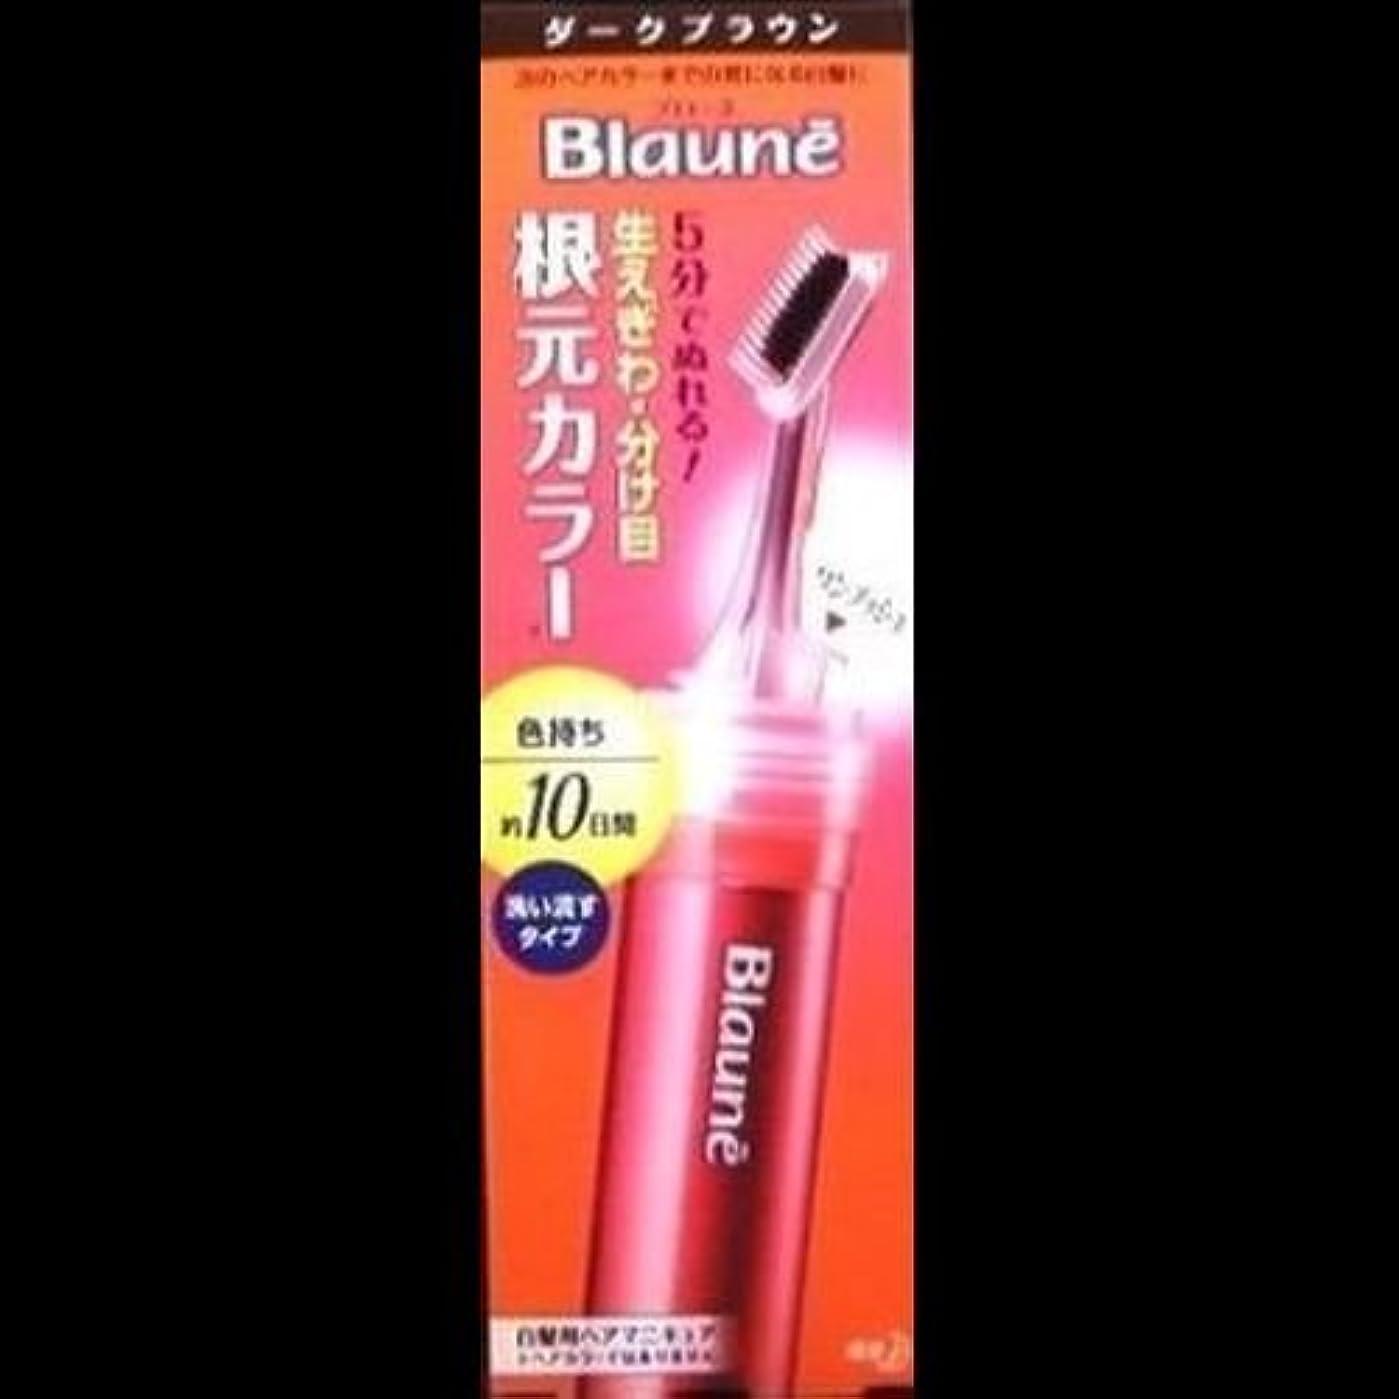 【まとめ買い】ブローネ根元カラー ダークブラウン ×2セット